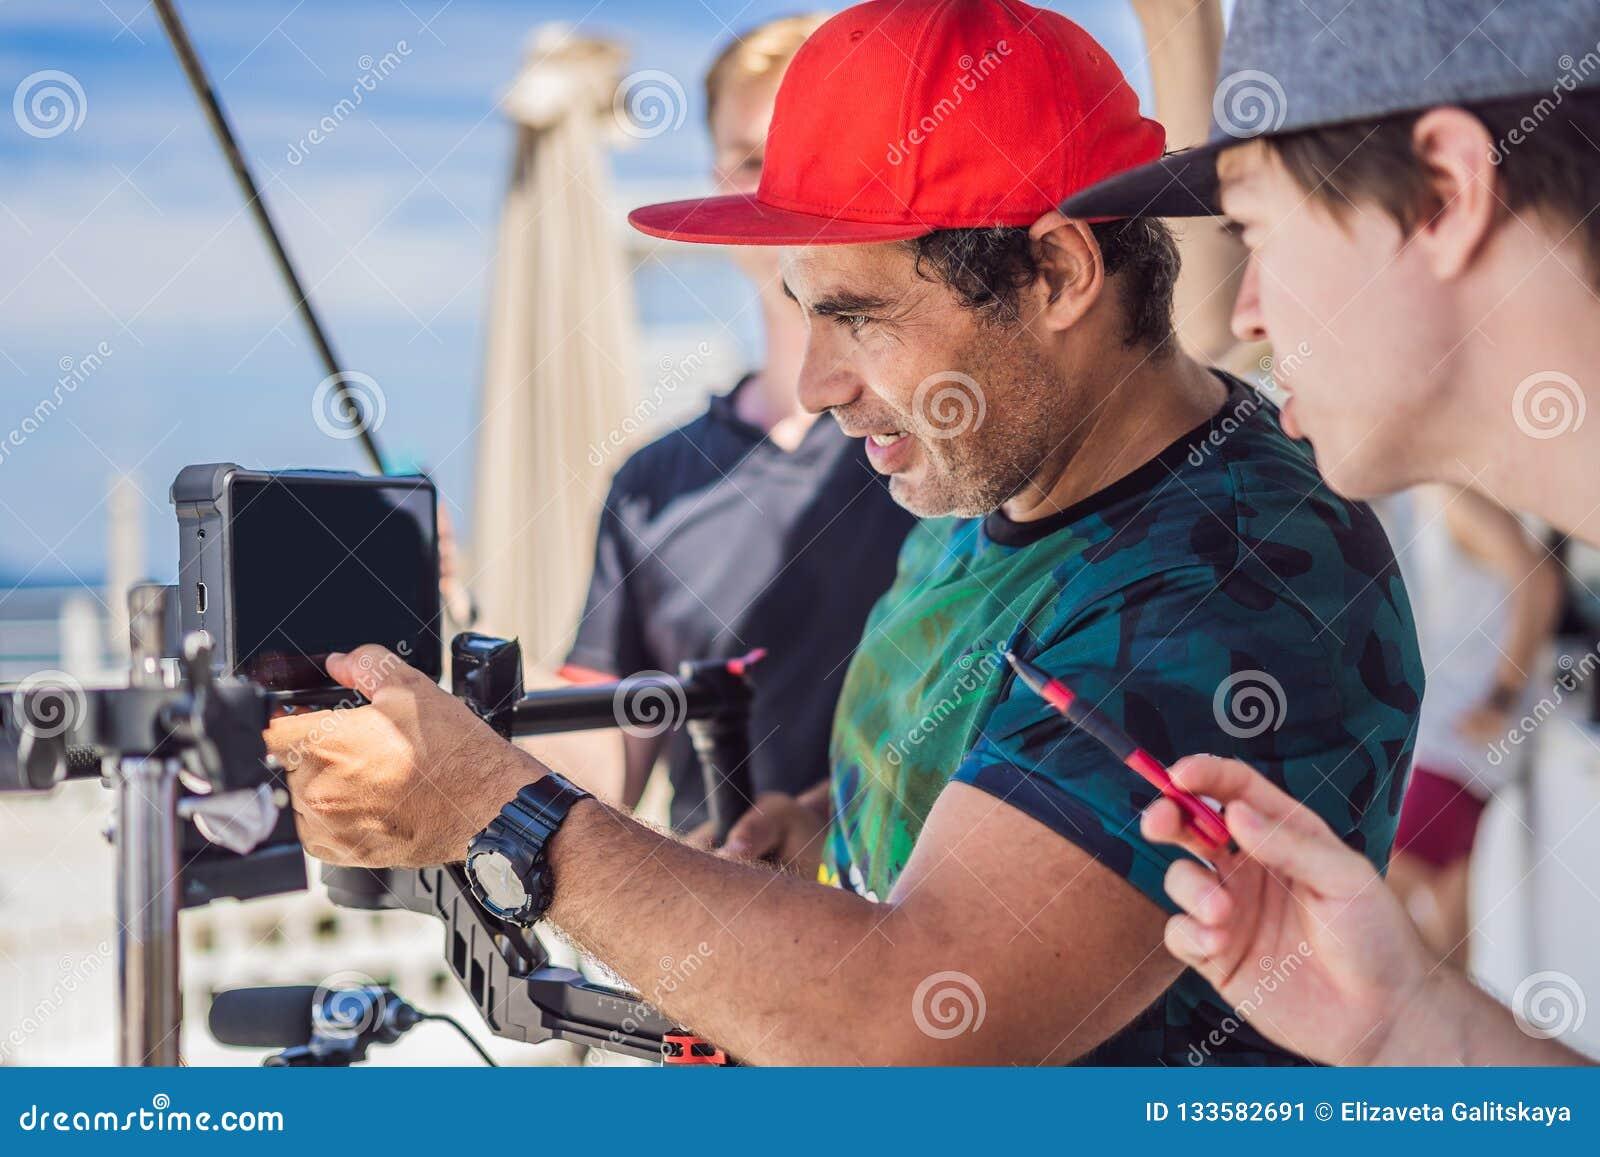 Команда продукции на коммерчески видео- всходе Оператор Steadicam использует стабилизатор и кино-степень камеры 3 осей